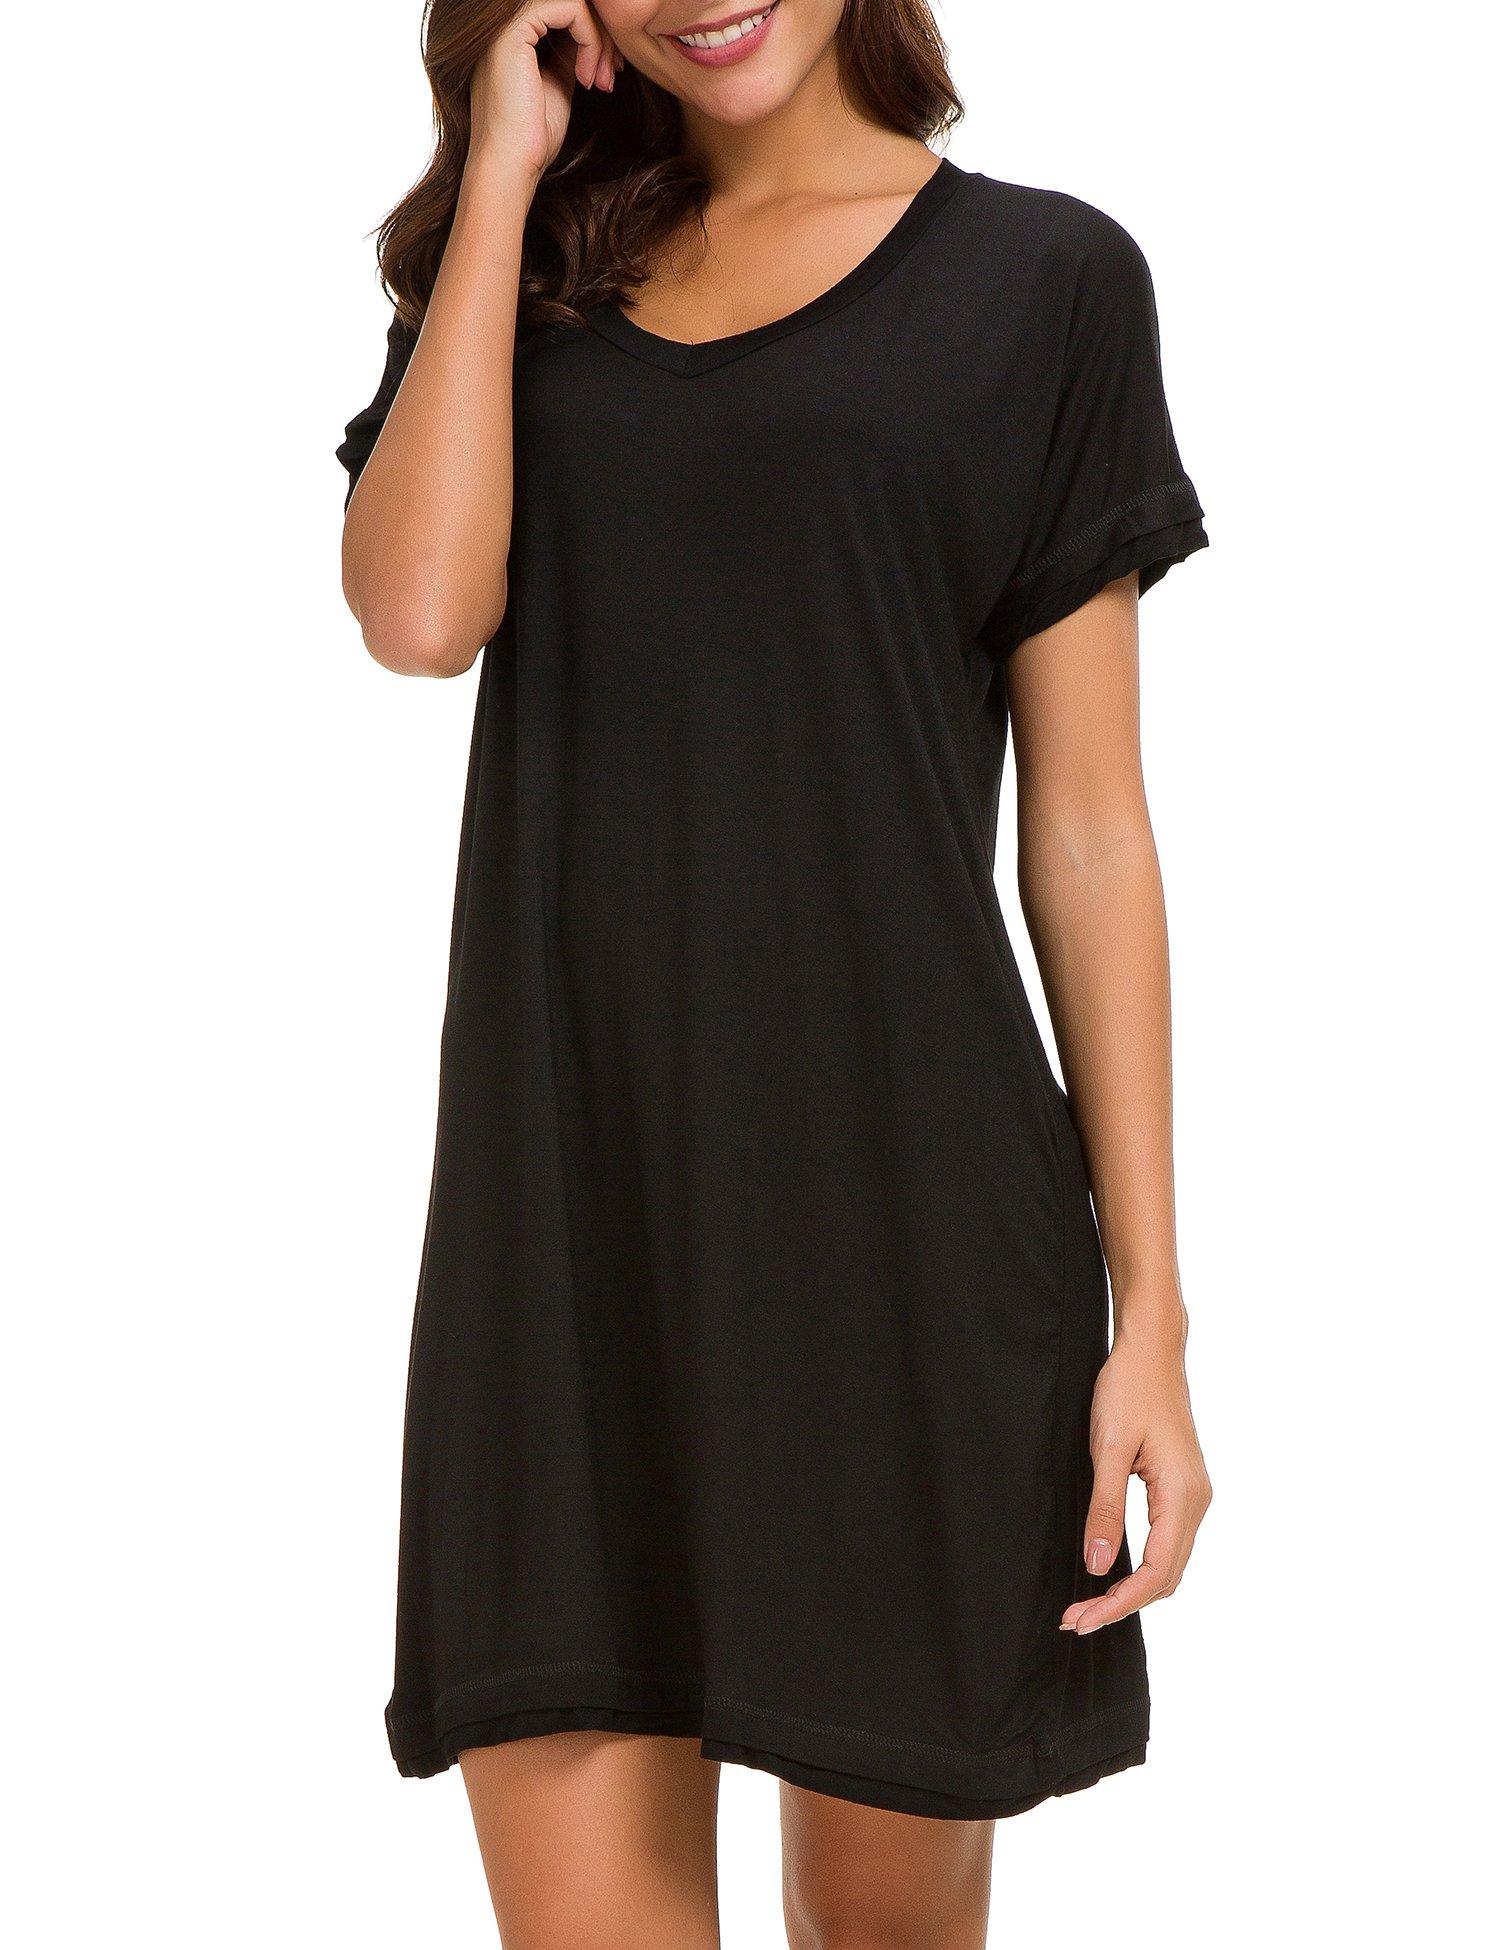 Dolay Women's Sleepwear Cotton Sleep Tee Short Sleeves Knit Sleepshirt (Black, XL) by Dolay (Image #6)